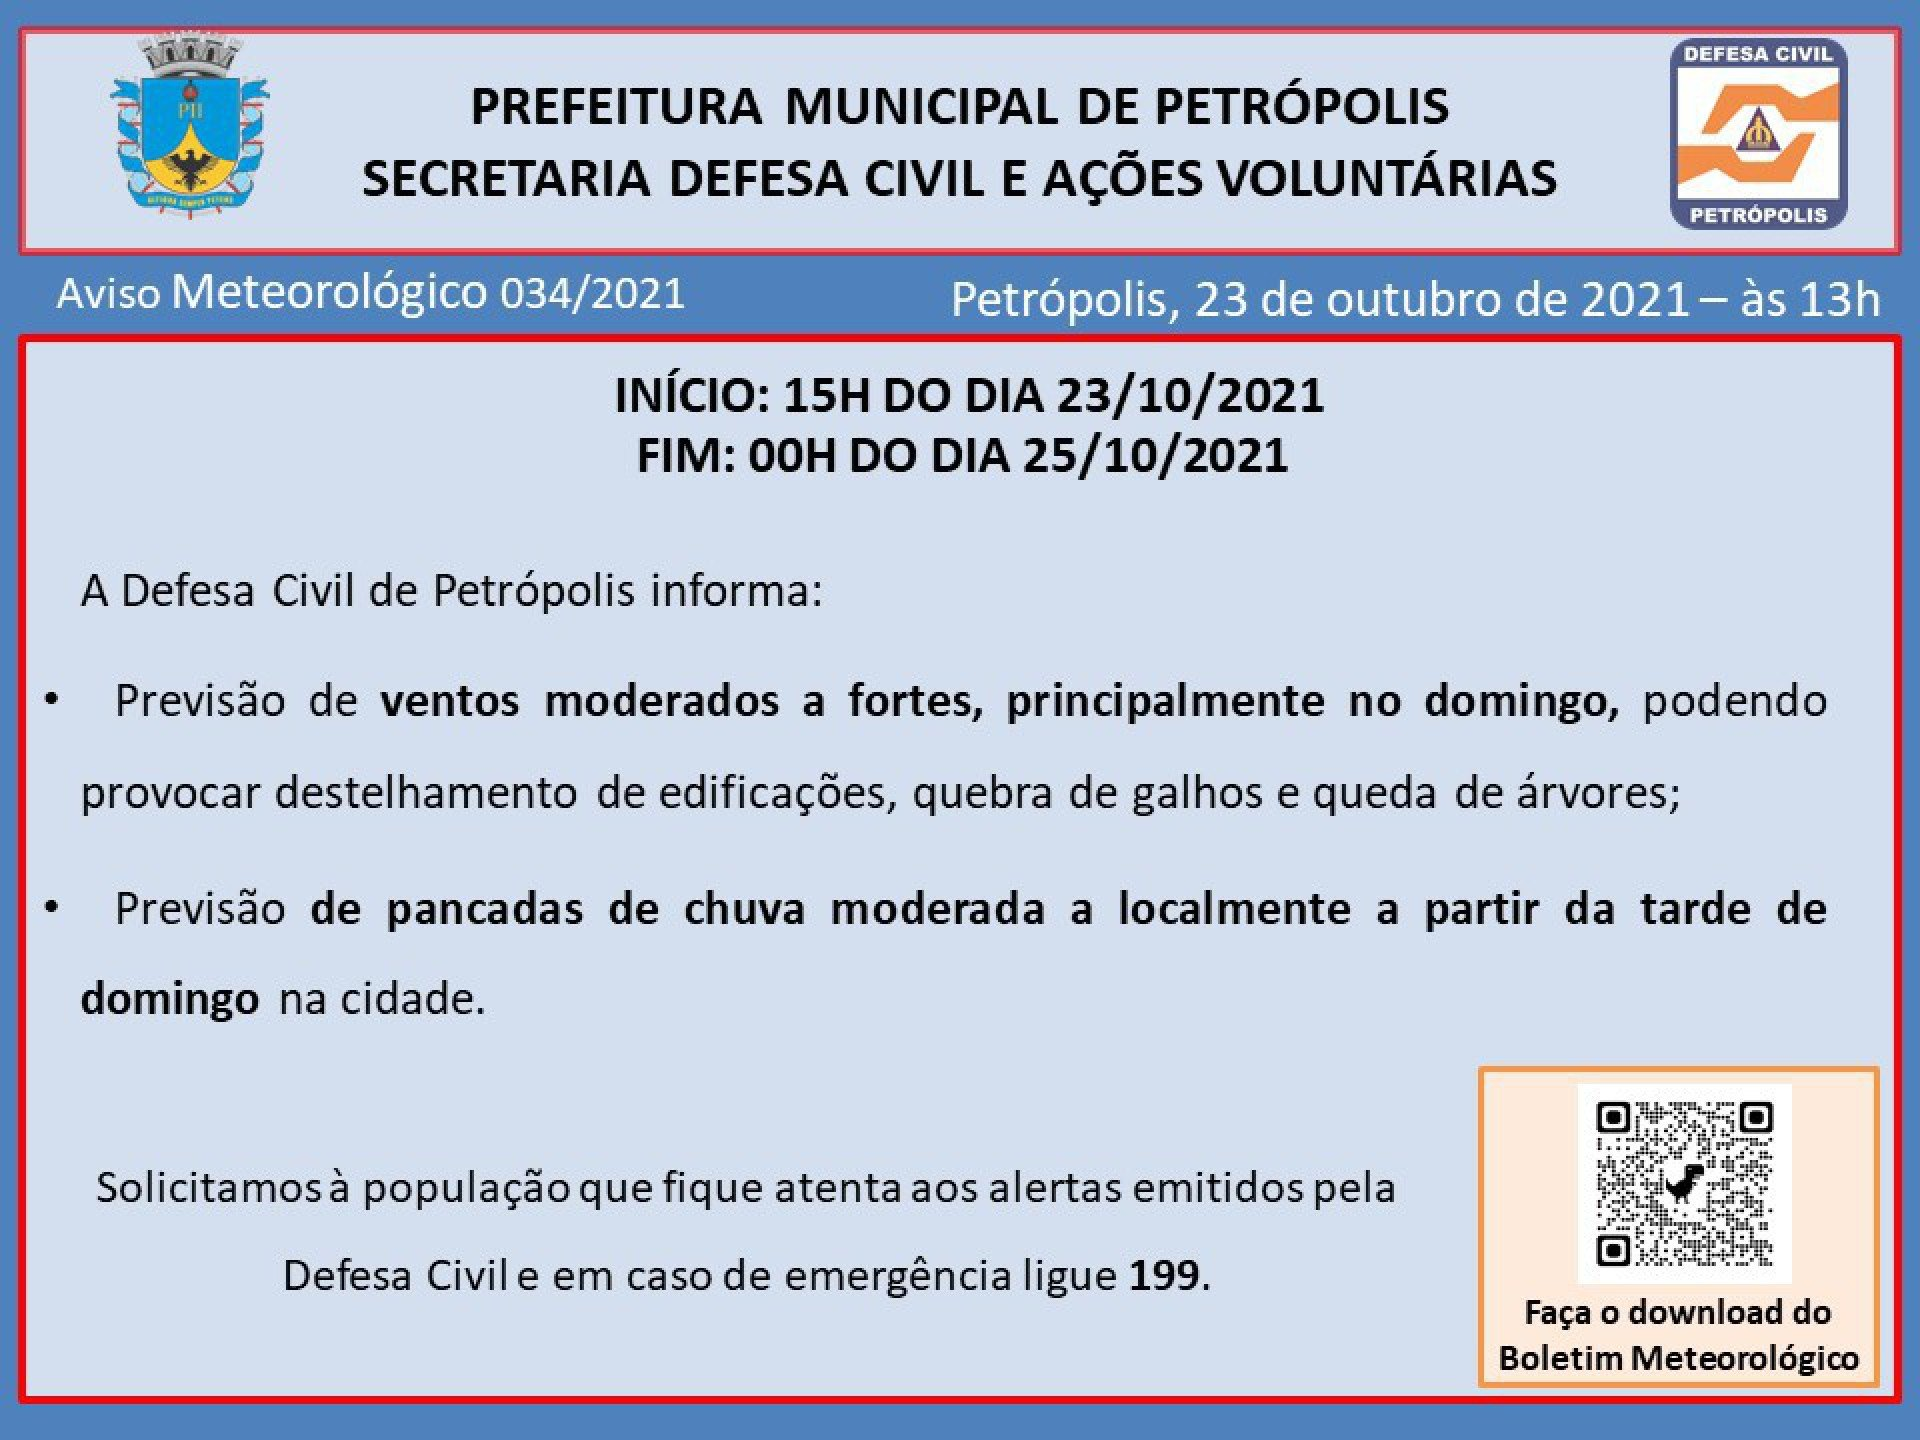 Petrópolis continua com condições climáticas instáveis neste final de semana